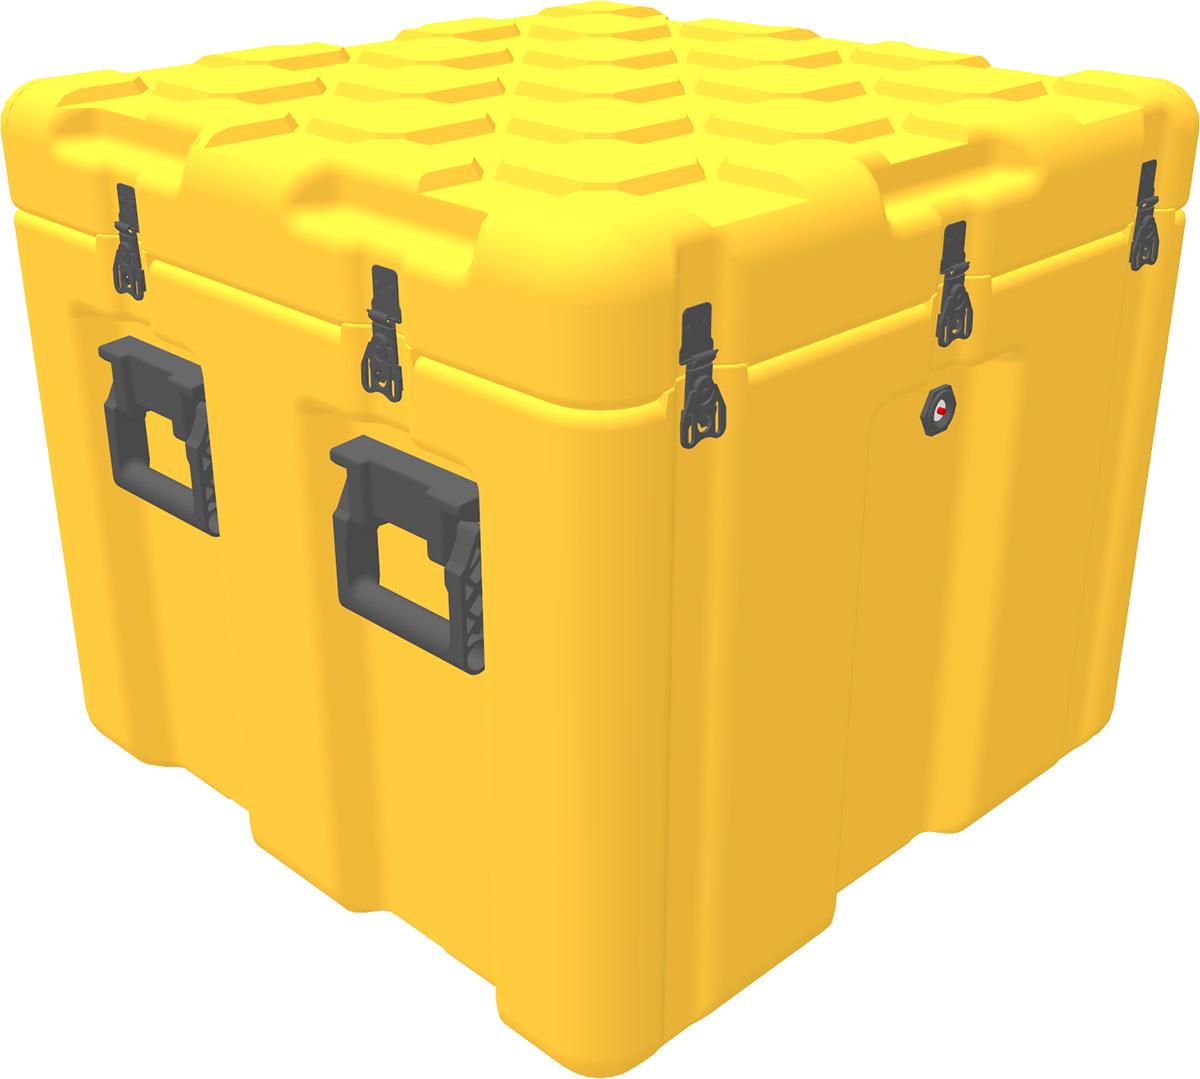 peli eu070070 4010 isp2 shipping case